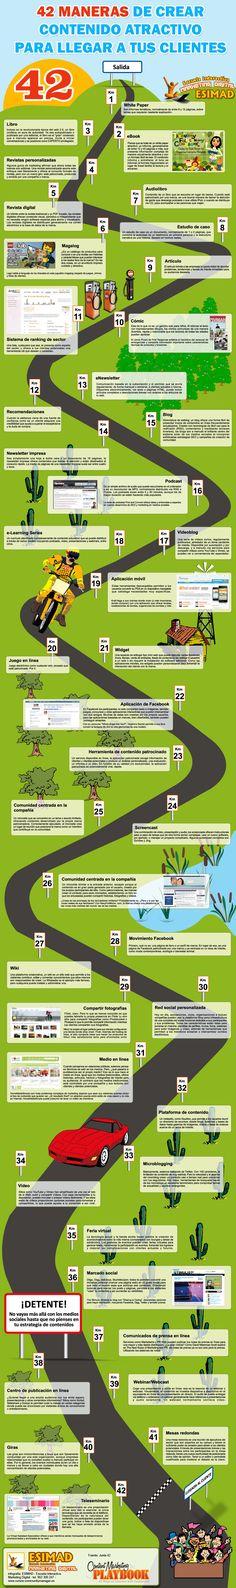 Infografía en español que muestra 42 Maneras de crear contenido atractivo para llegar a tus clientes